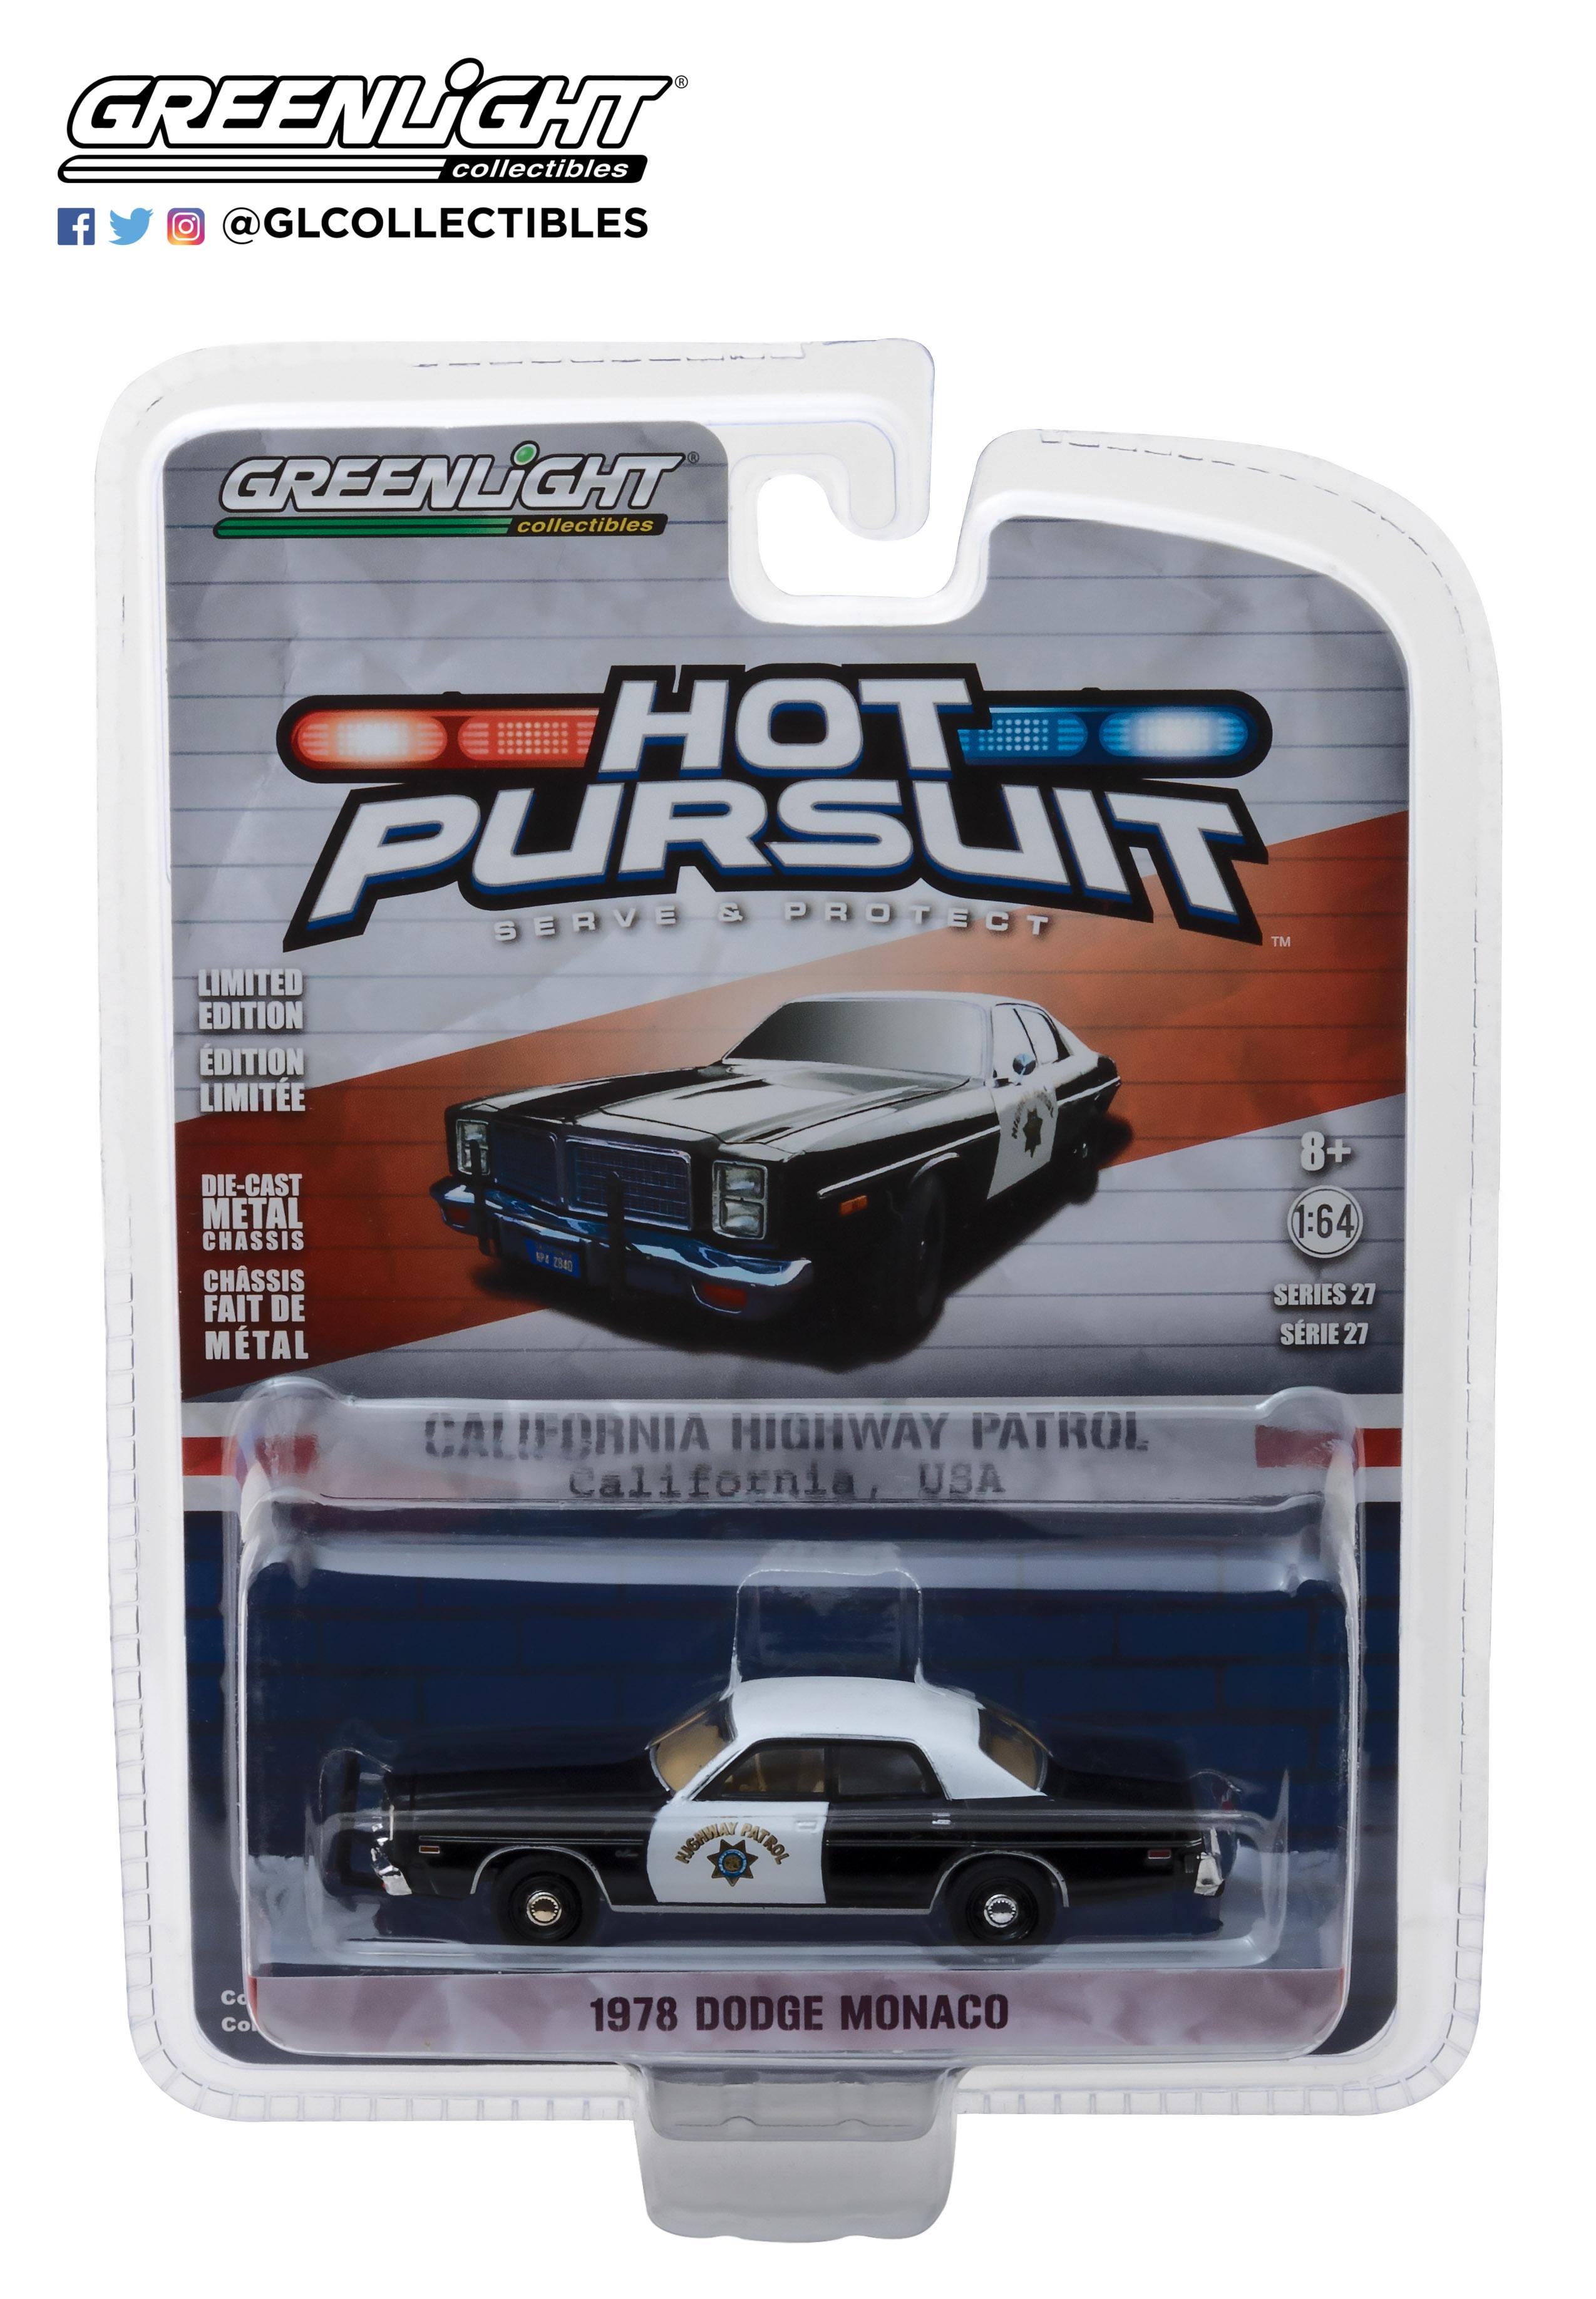 Dodge Monaco - California Highway Patrol (1978) Greenlight 1/64 Negro - Blanco Greenlight versión estandar